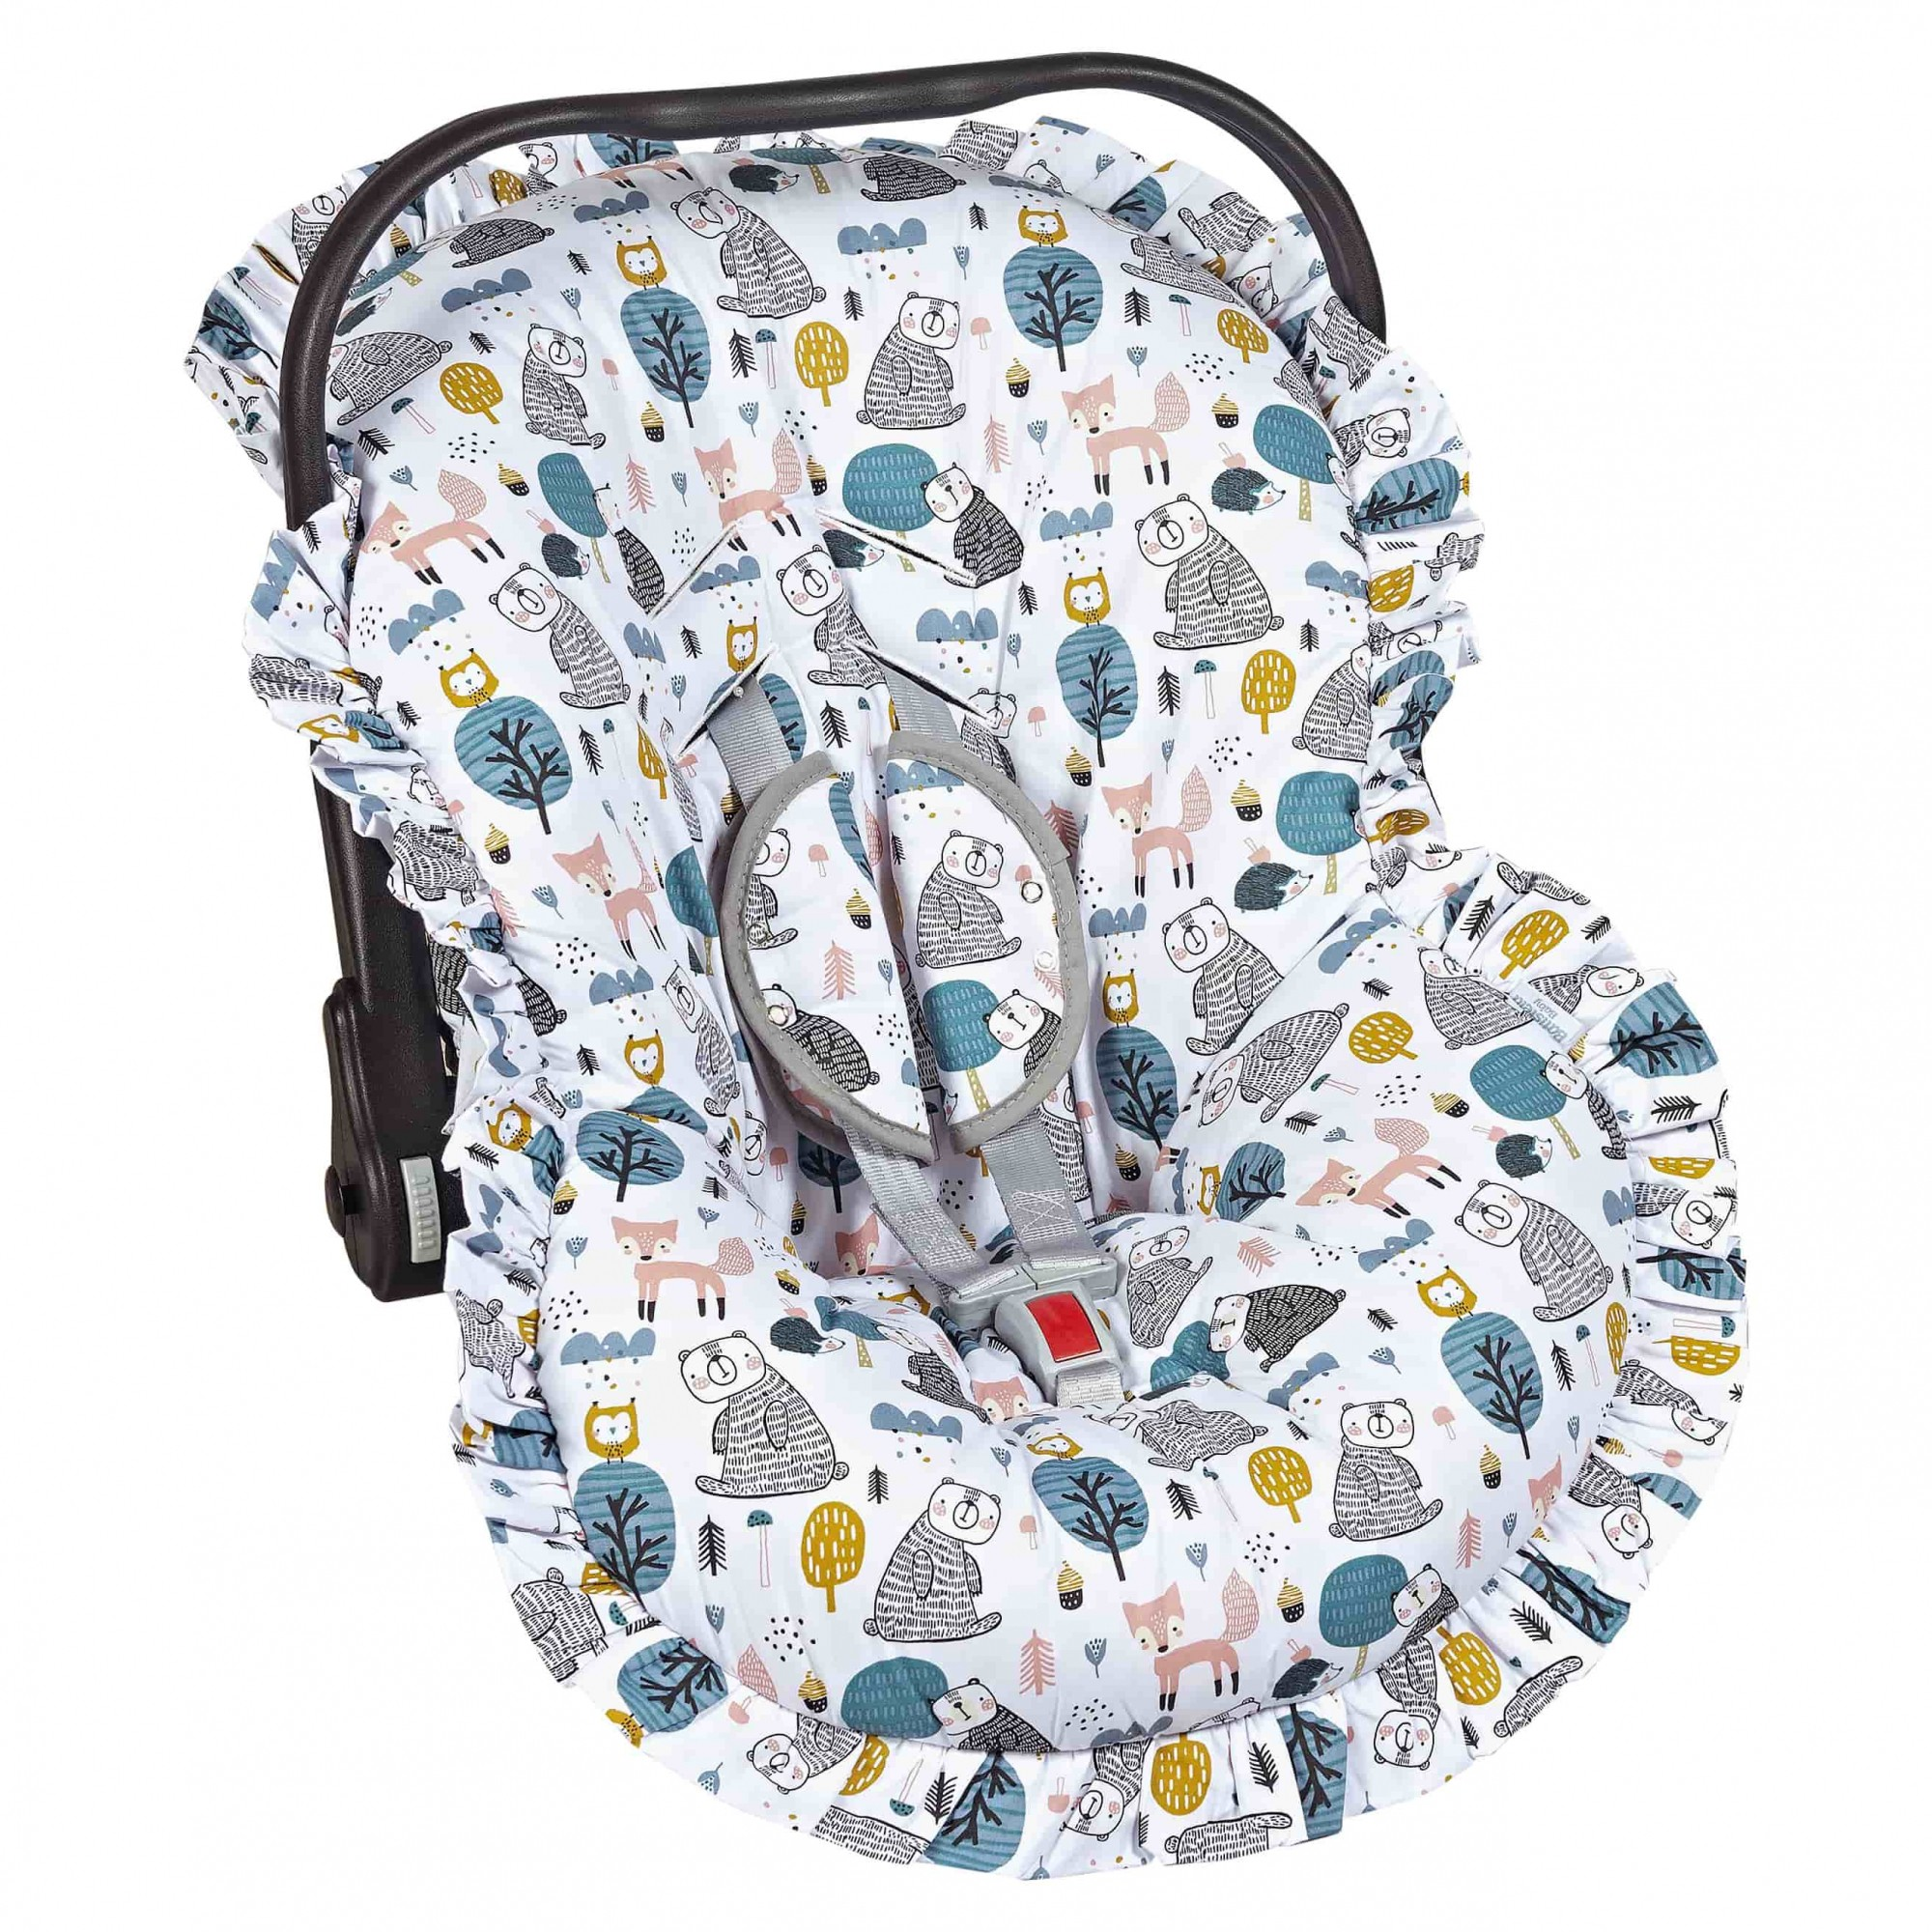 Capa Bebê Conforto Ajustável Estampada 3 Peças - Urso Batistela Baby